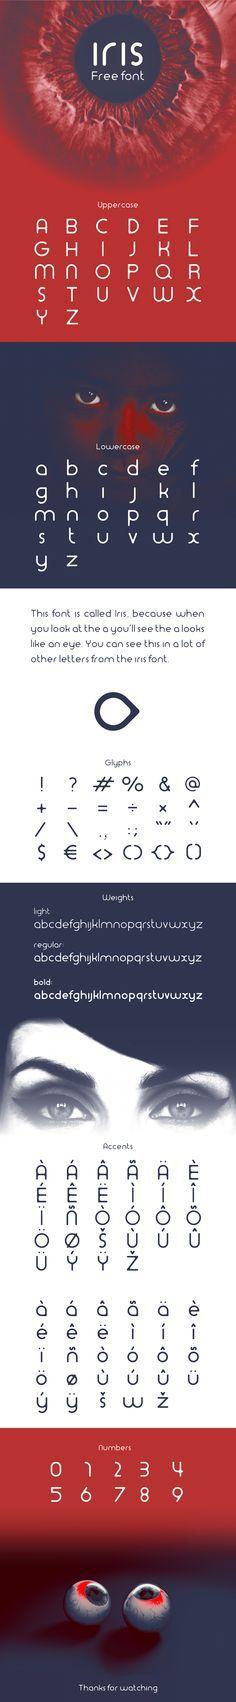 Iris font | 3 weights on Behance